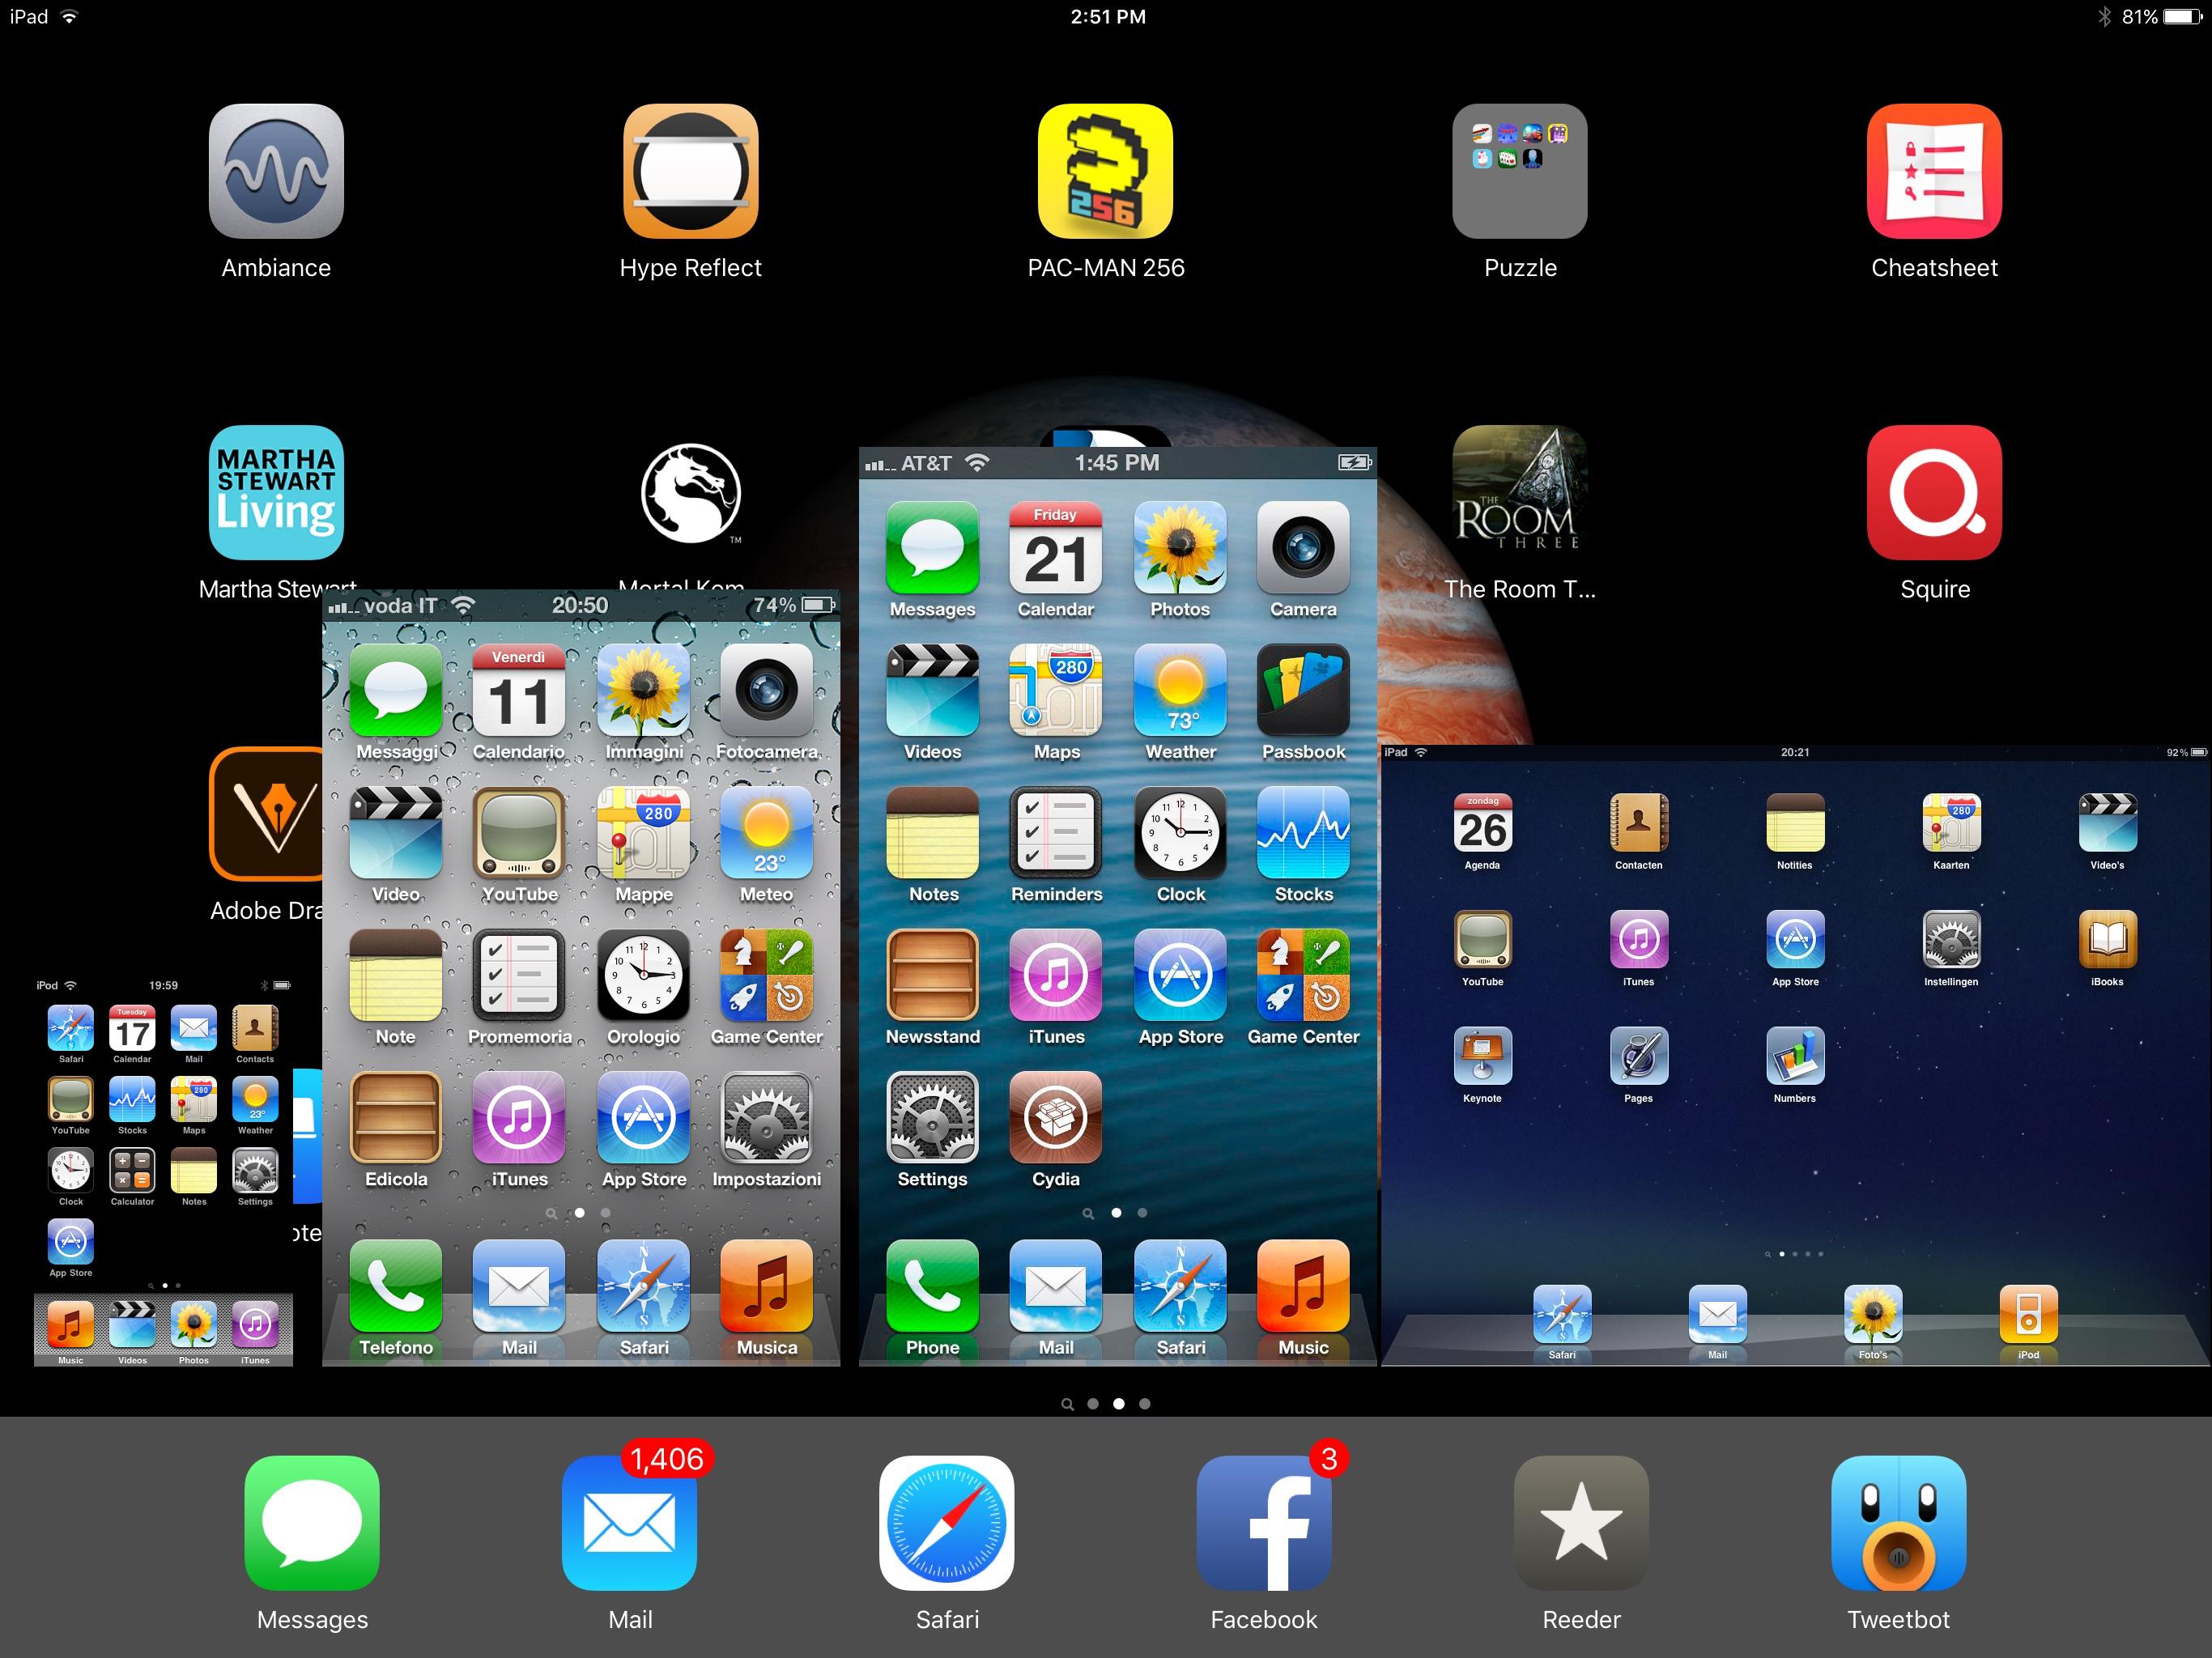 iPad Pro rezolutie iPhone 4 iPhone 5